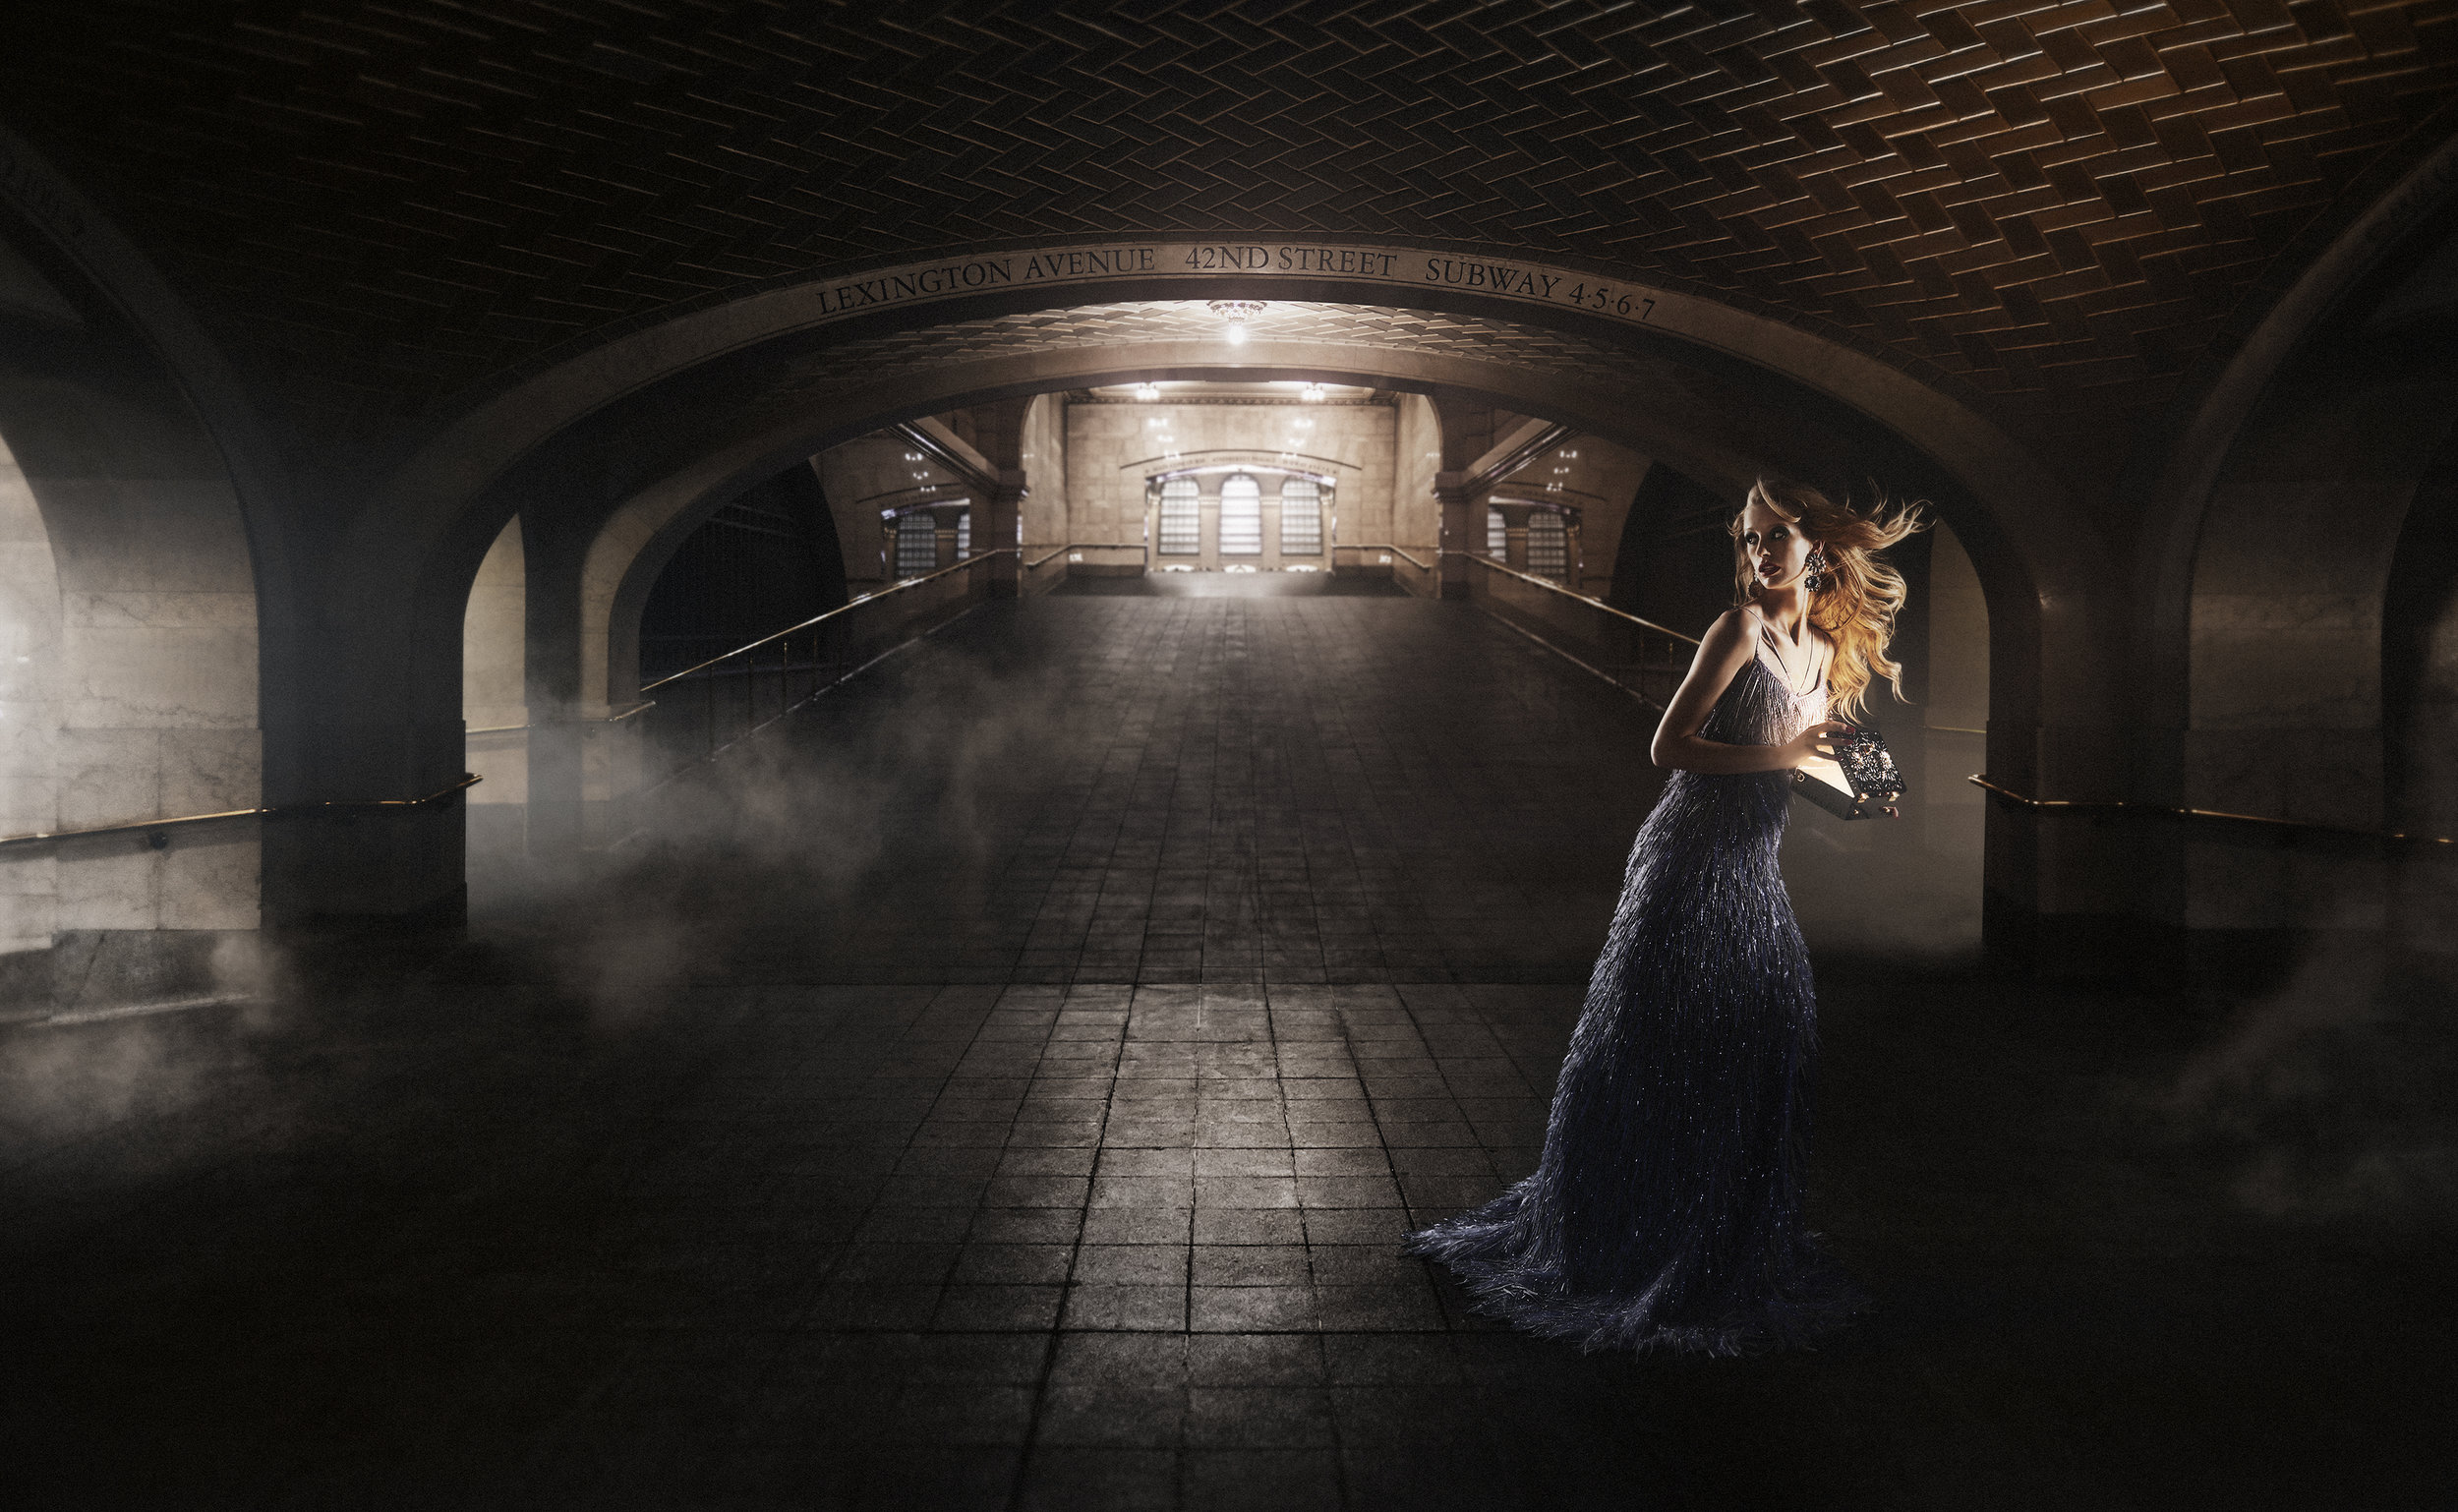 Vionnet / George McLeod / Luxure Magazine